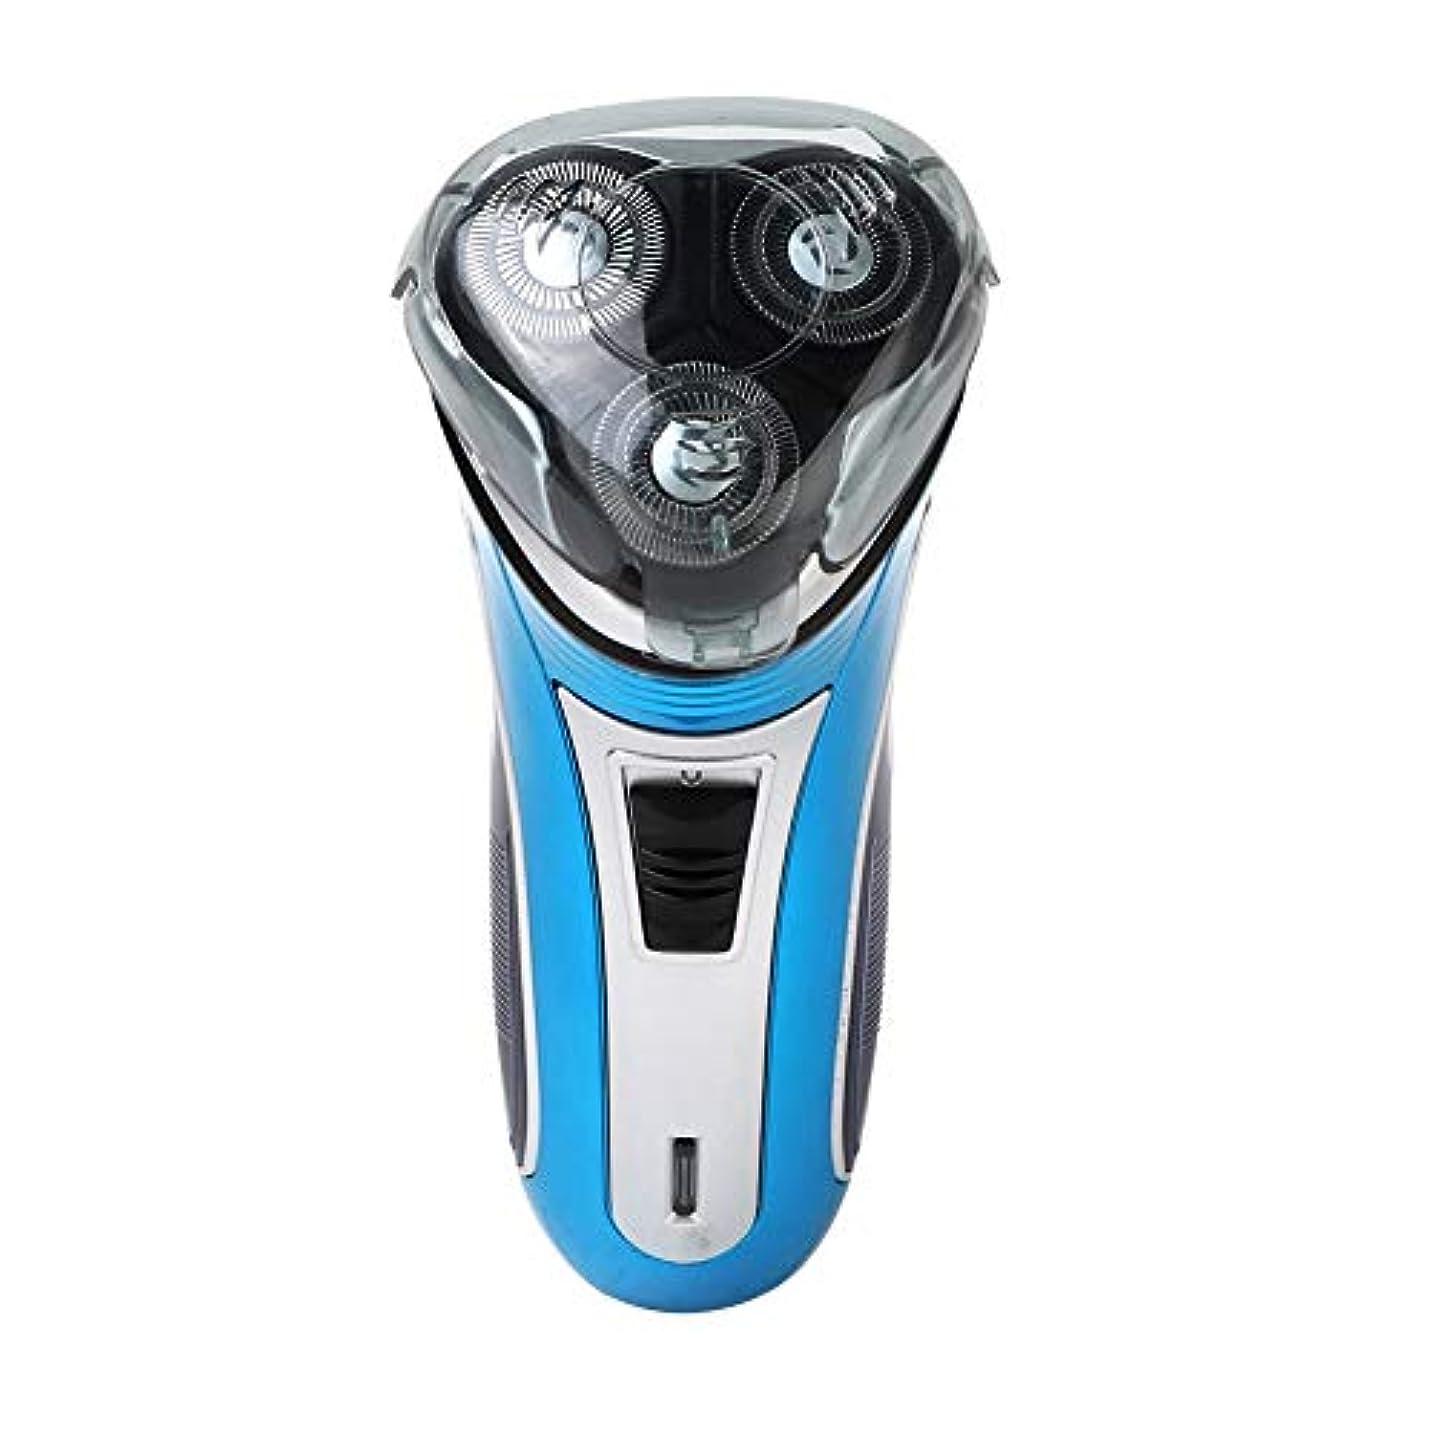 思い出す観察完全に乾く電気かみそりのかみそり、男性のための2つのひげのトリマーのコードレス電気かみそりの男性のための回転式かみそりの急速充電式かみそり